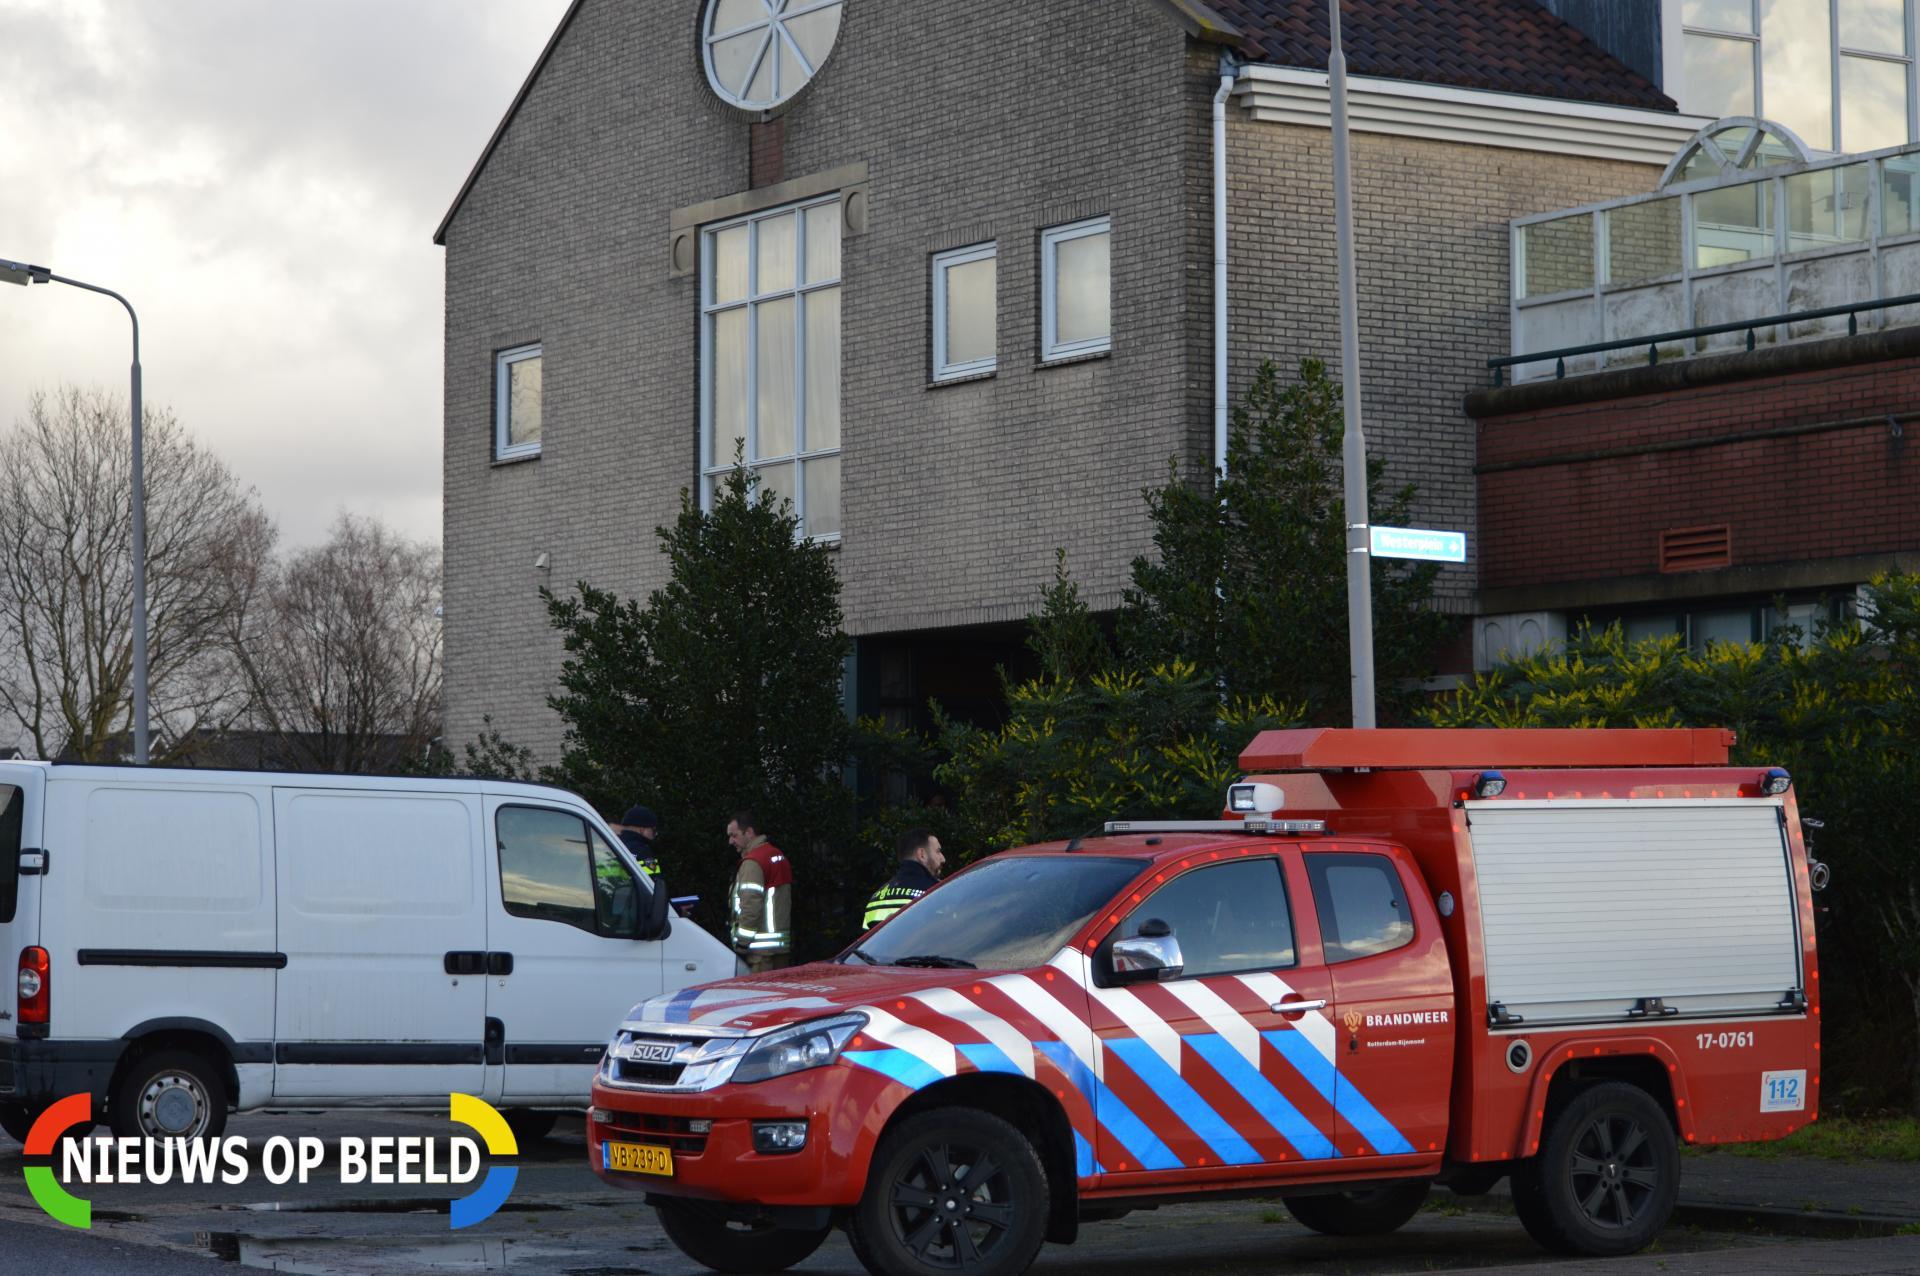 Politie vindt mogelijk drugslab in pand Chinees restaurant Westersingel Berkel en Rodenrijs